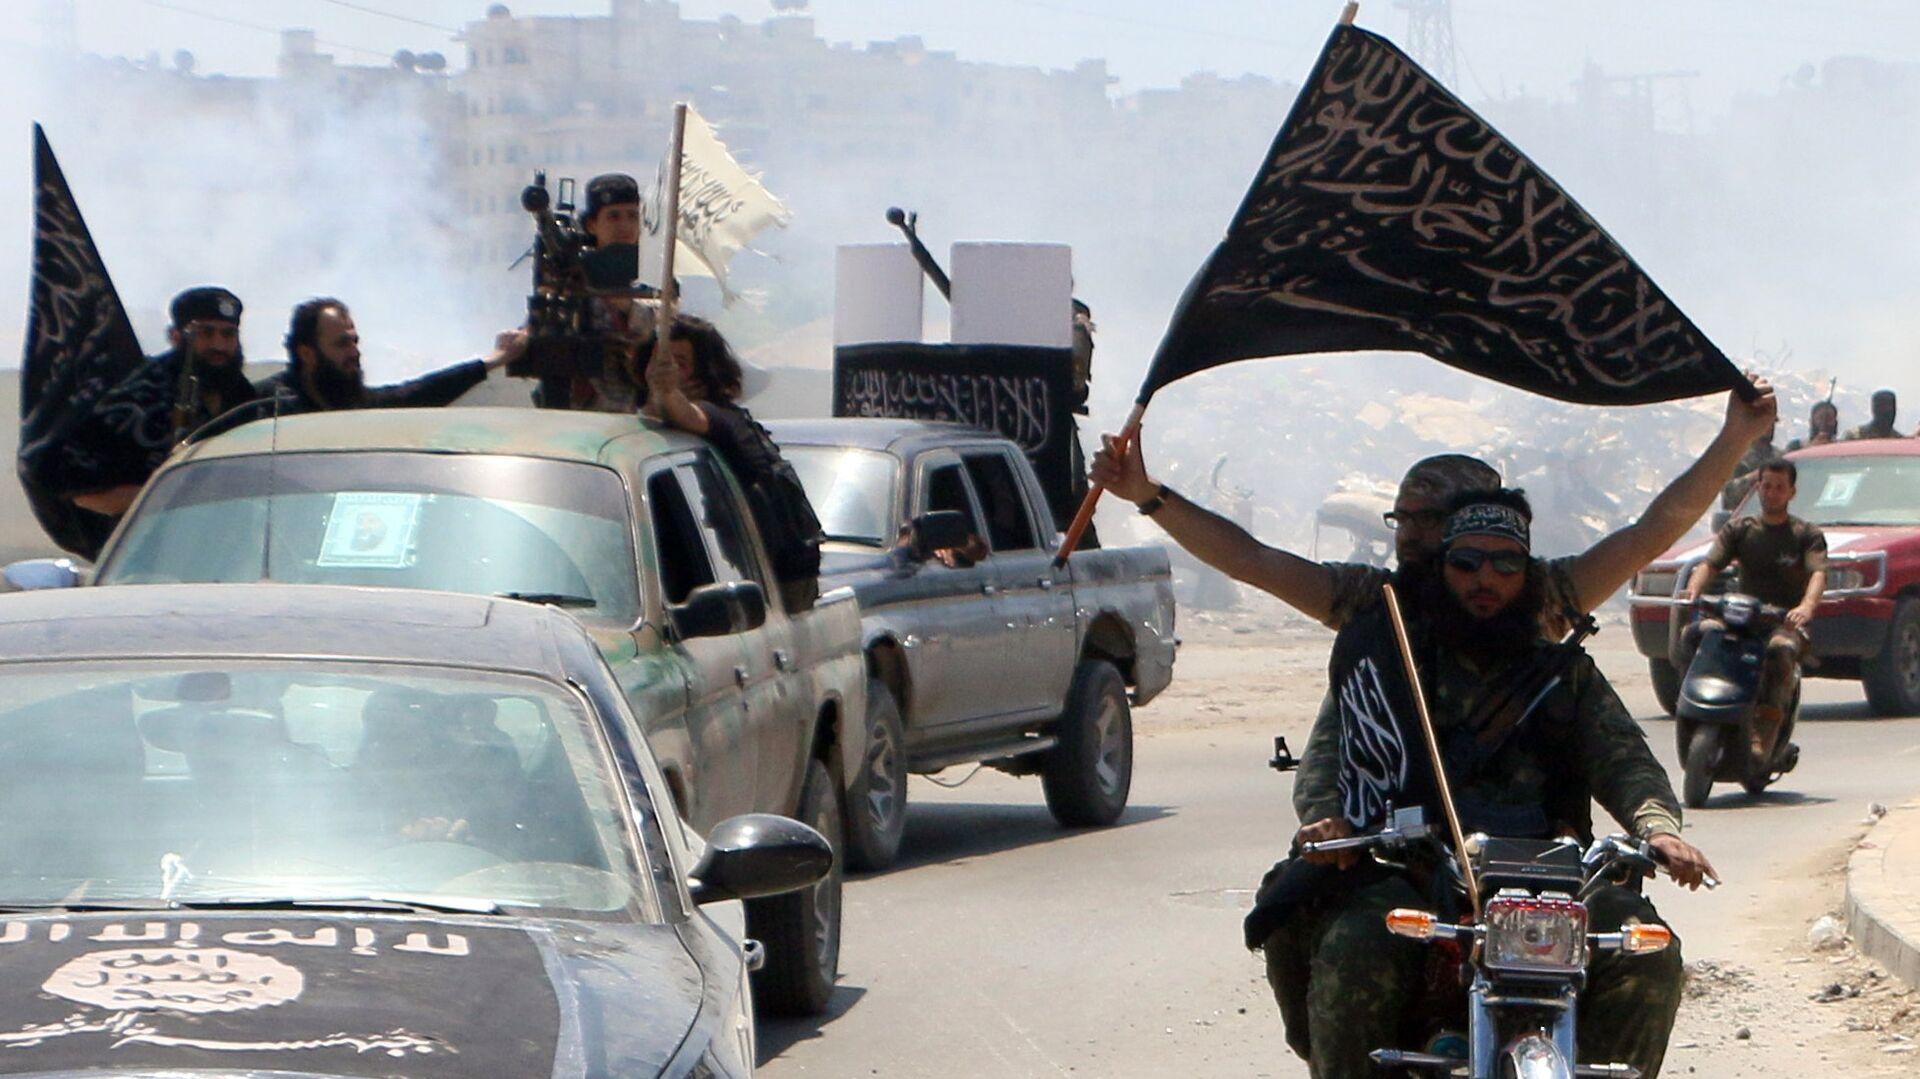 Боевики группировки Исламское государство (запрещена в России), архивное фото - Sputnik Таджикистан, 1920, 22.06.2021